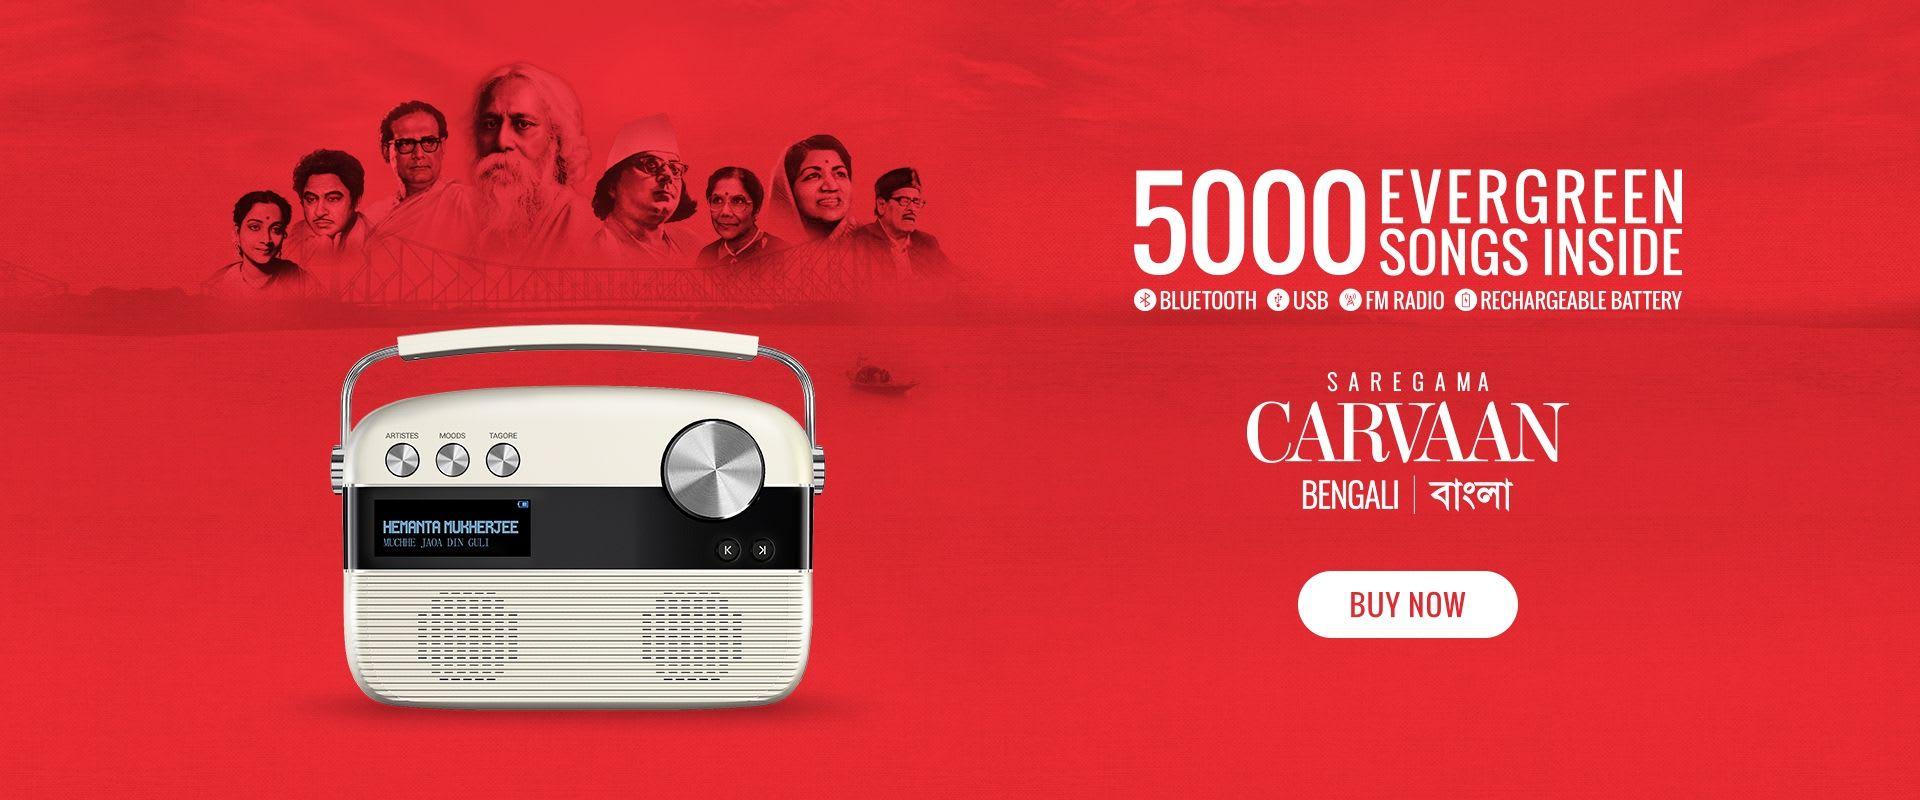 Carvaan Bengali